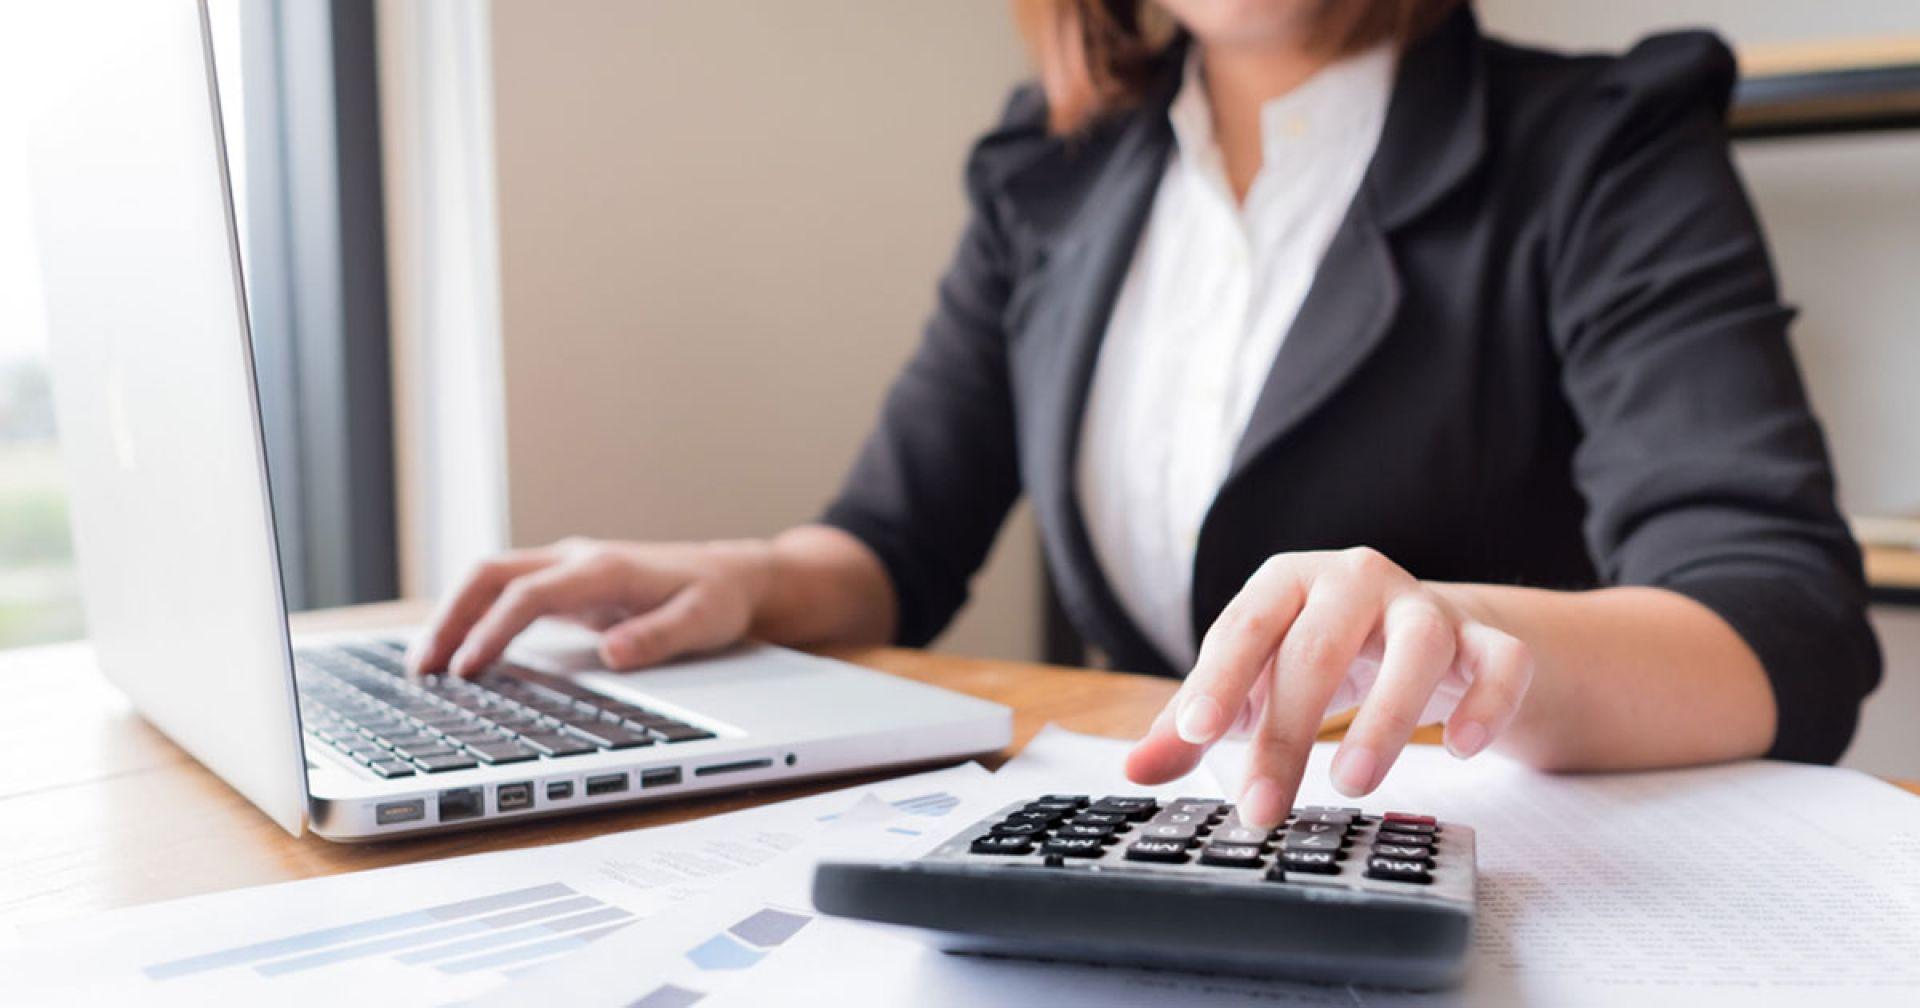 Зарплатный проект от Сбербанка: инструкция для бухгалтера